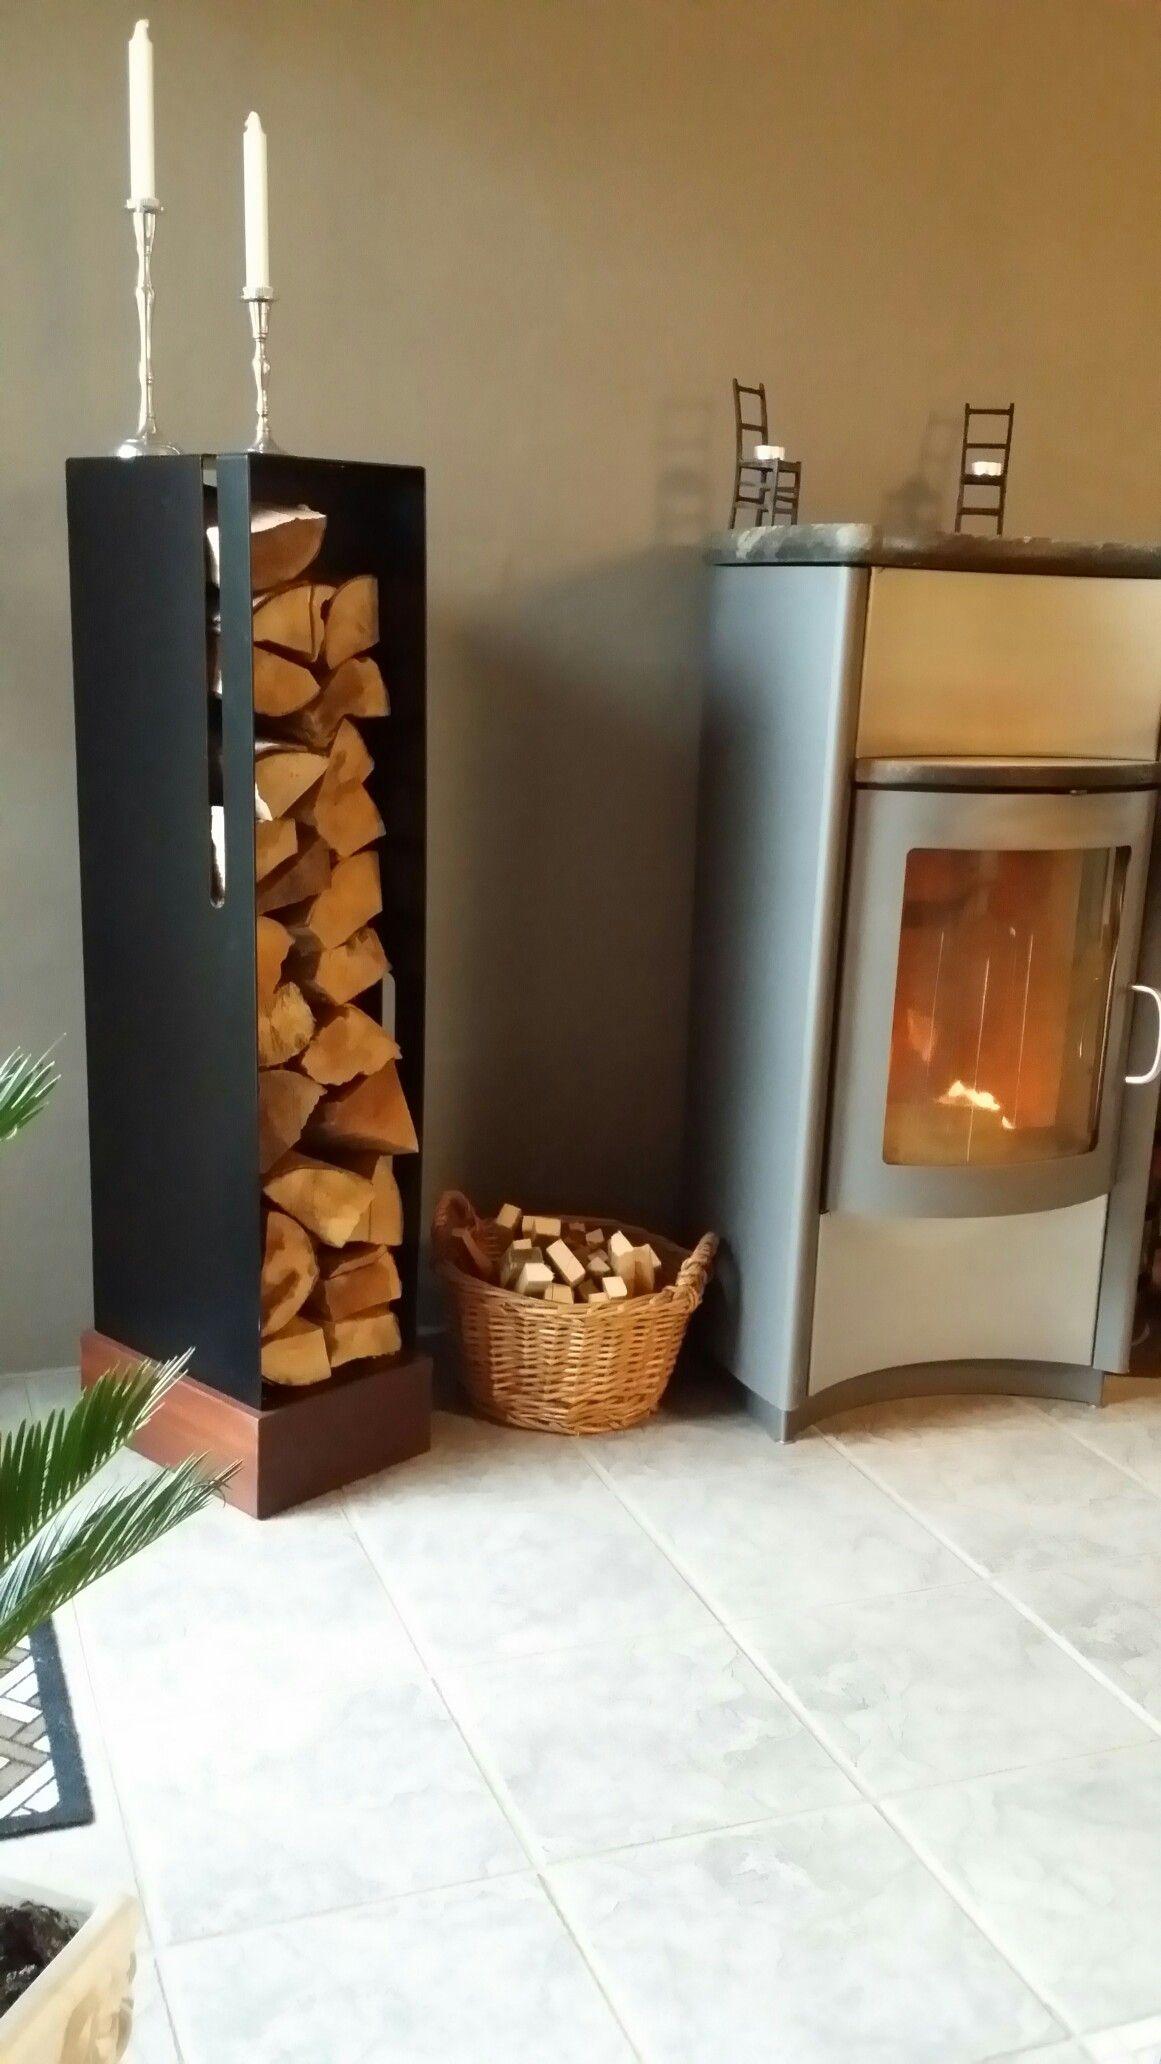 Firewood Storage Indoor Diy Ideas Homemade Organize In